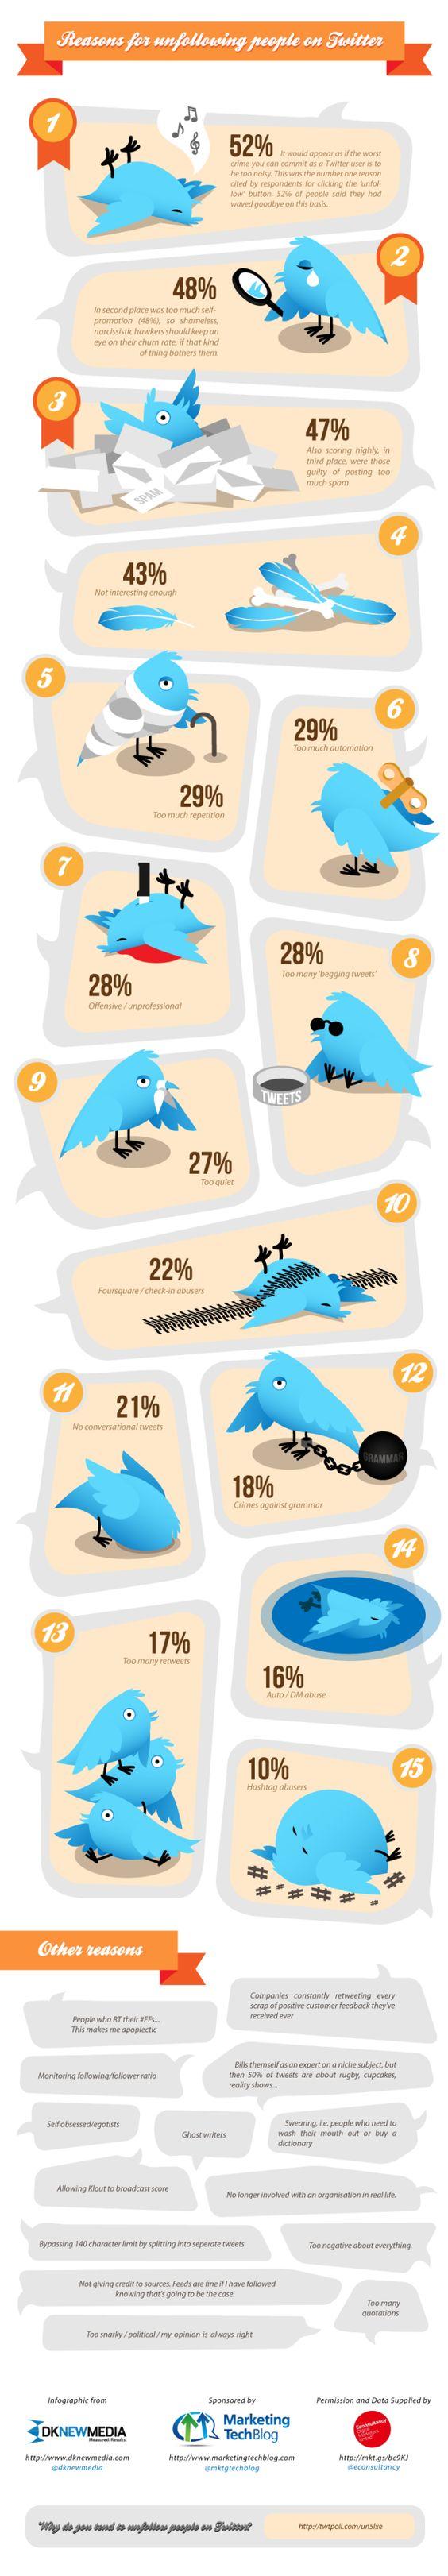 15 Gründe warum man jemandem auf Twitter nicht mehr folgt #INFOGRAPHIC